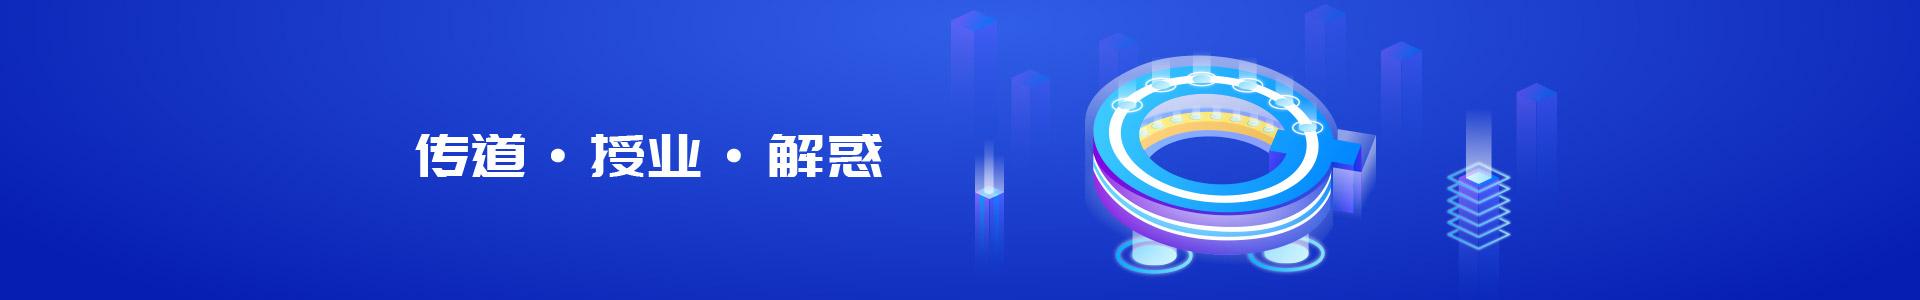 问答banner(PC)